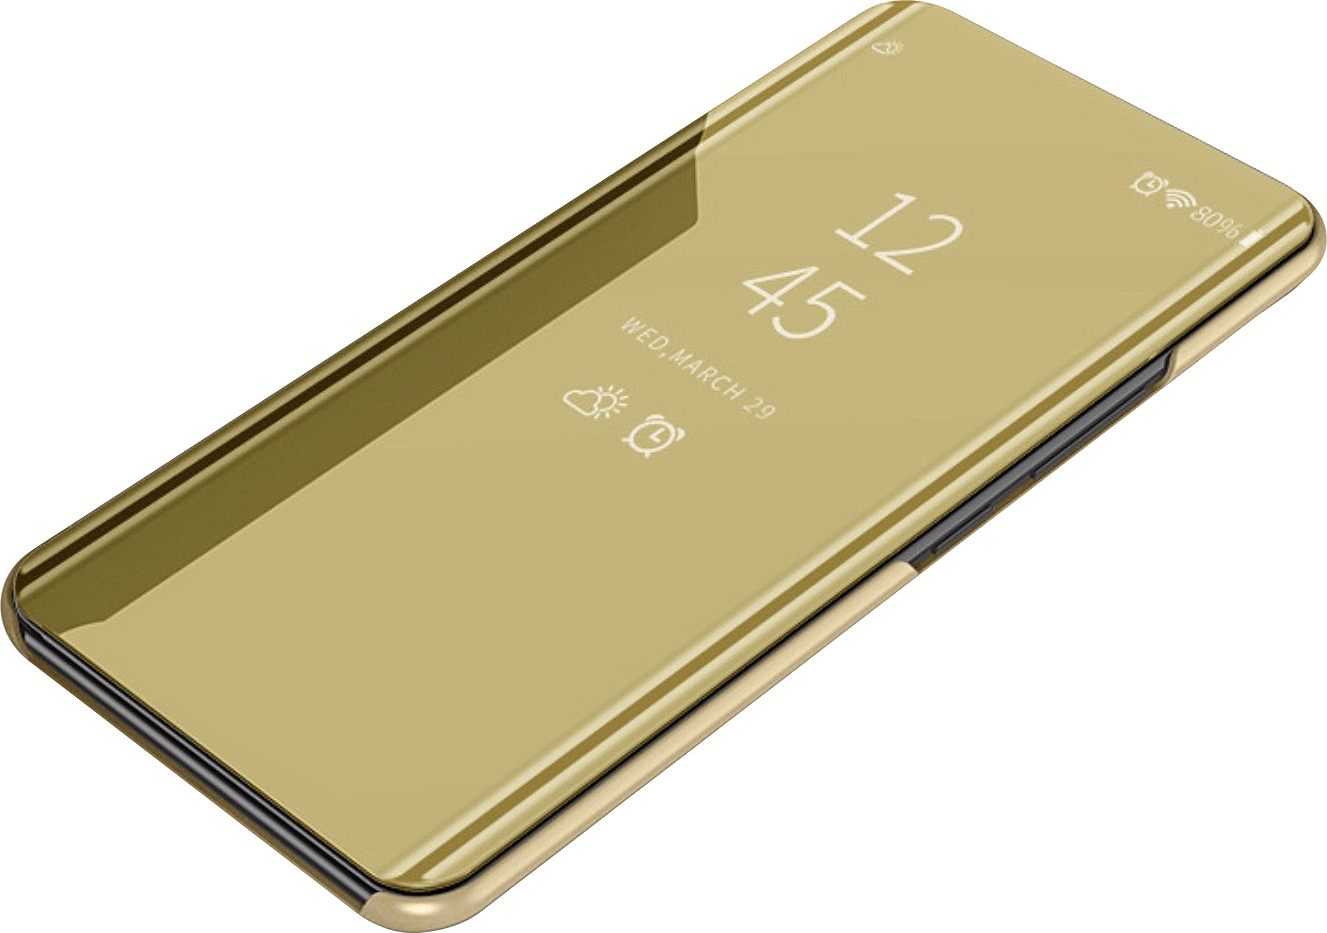 Чехол-книжка MyPads для Huawei Honor 8A/Huawei Y6 (2019)/ Honor 8A Pro/ Y6 Prime 2019 умный активный с функцией включения и блокировки экрана полупрозрачный с зеркальной поверхностью золотой